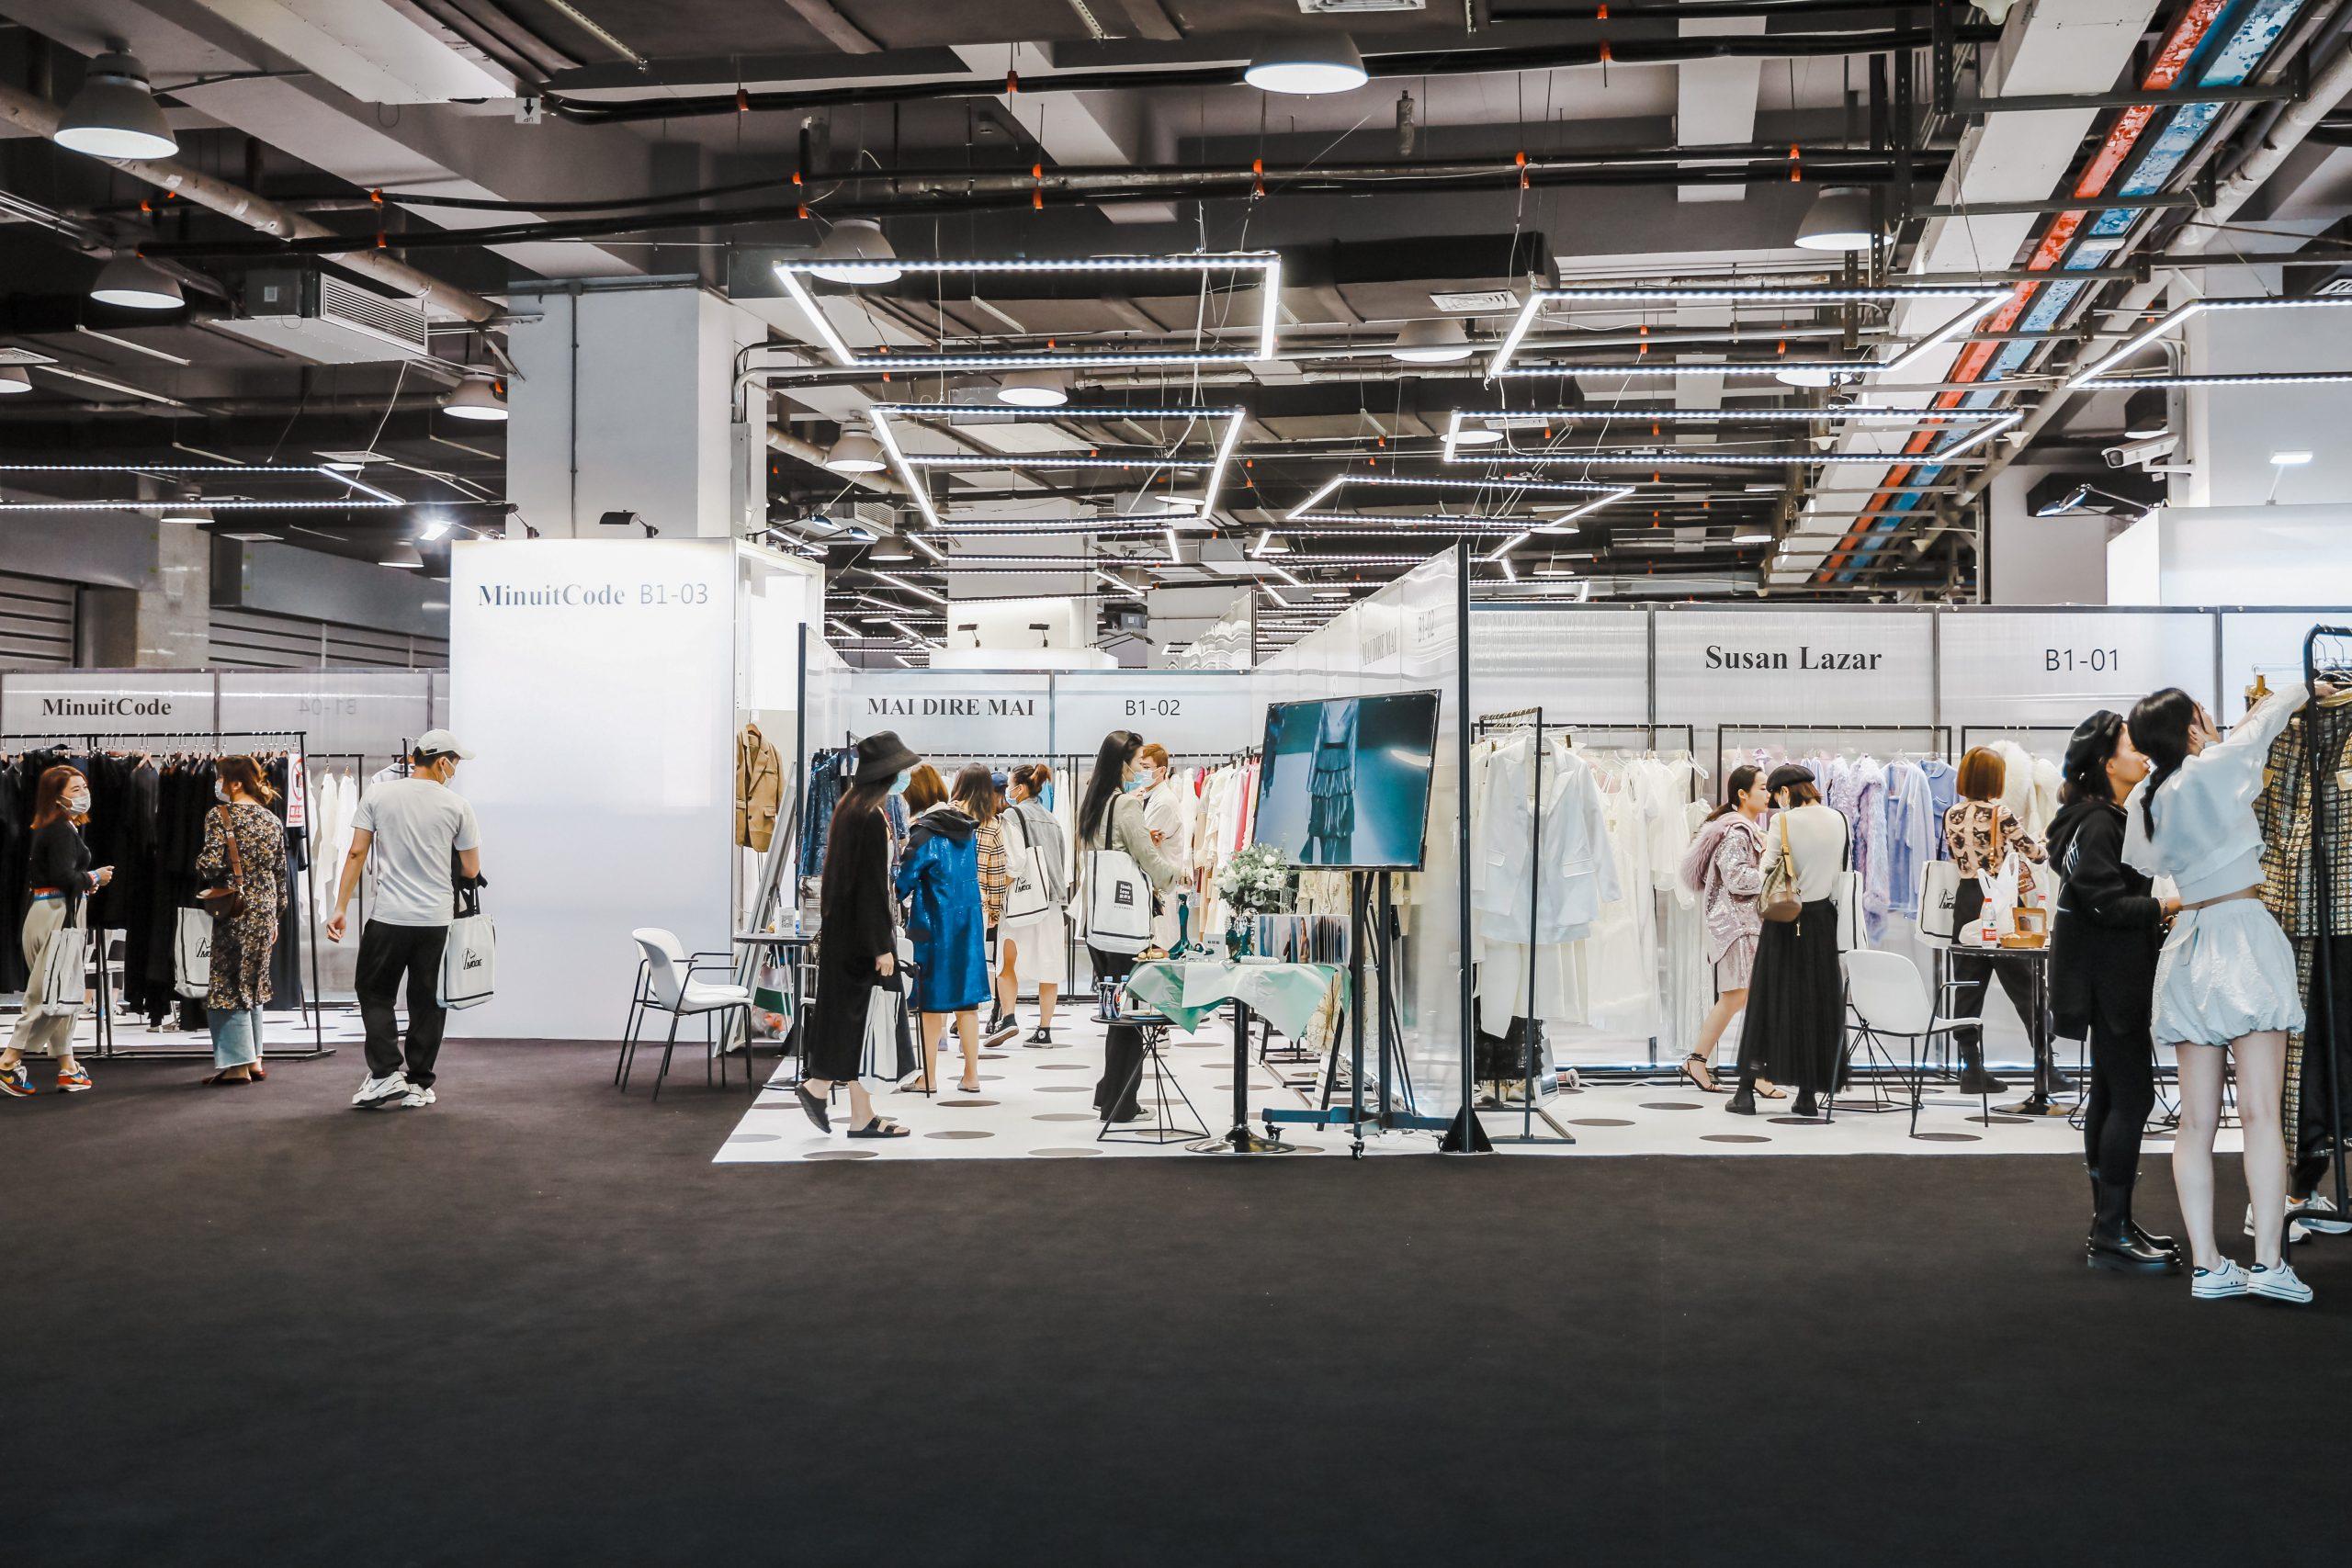 深度|设计师品牌最近生意还好吗?来自上海时装周的一线观察(上)